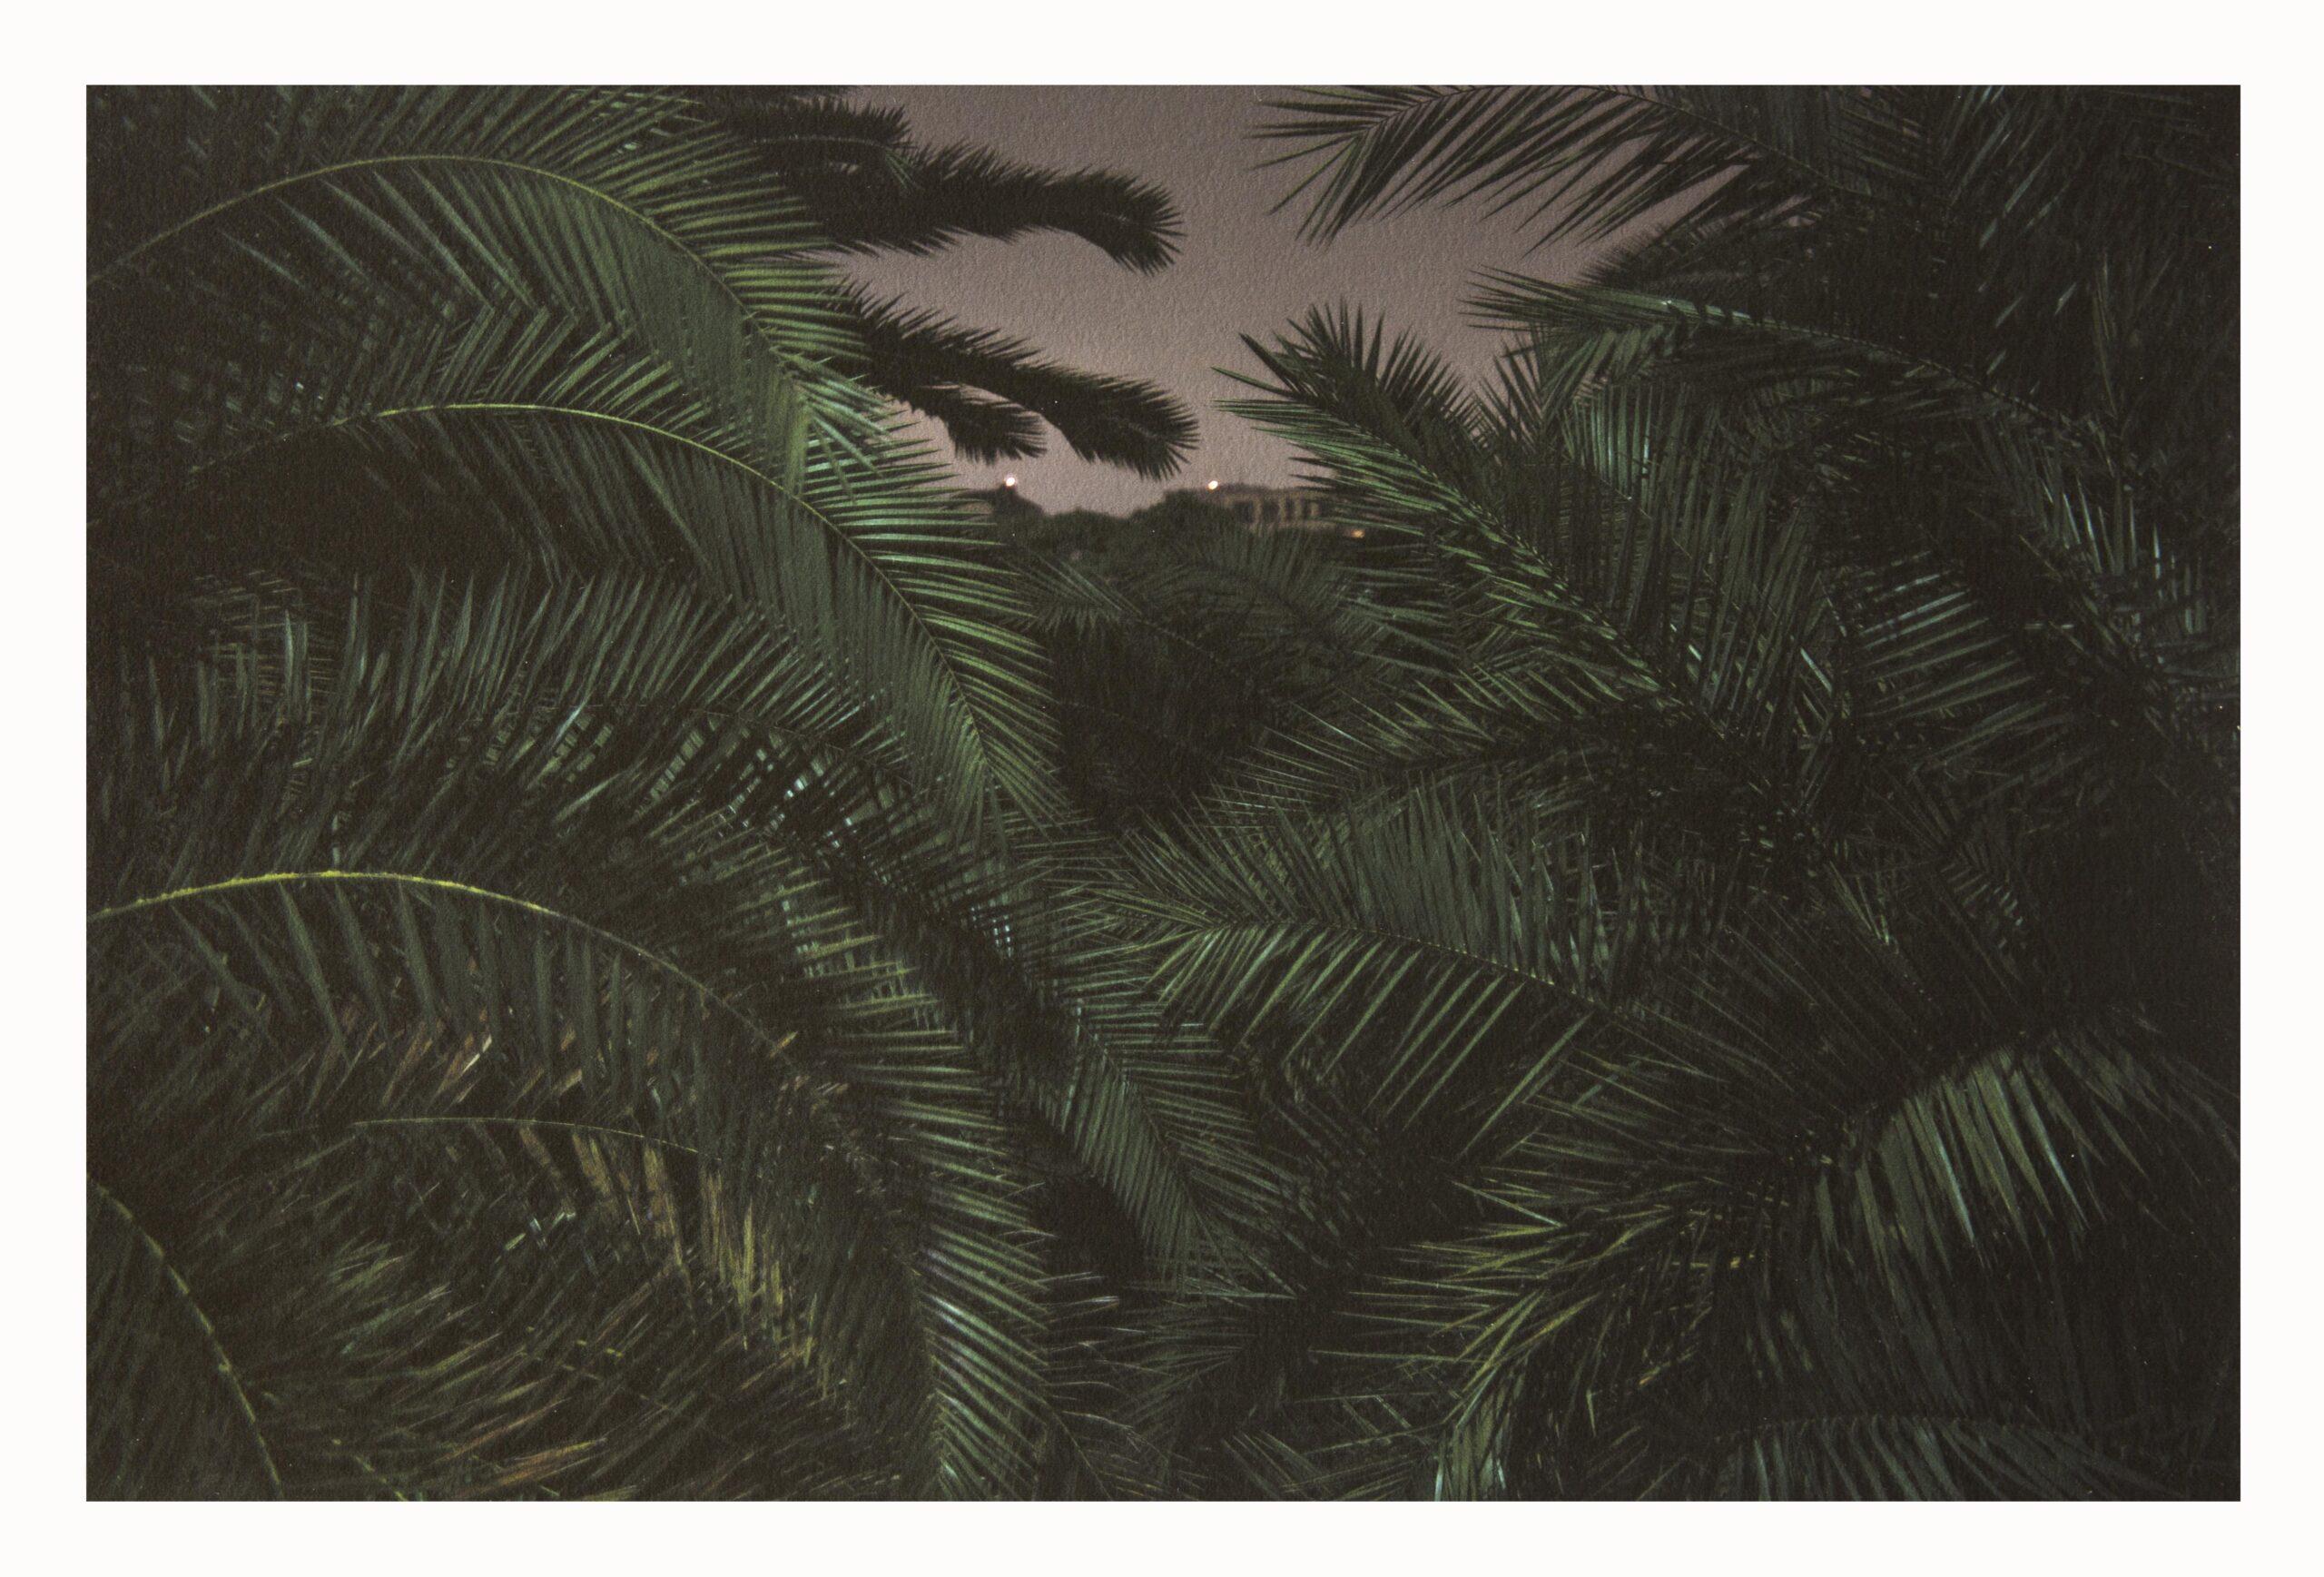 Incontri e perlustrazioni crepuscolari, sguardi e foreste tropicali. Il Brasile di Silvia Mariotti condensate in un viaggio editoriale